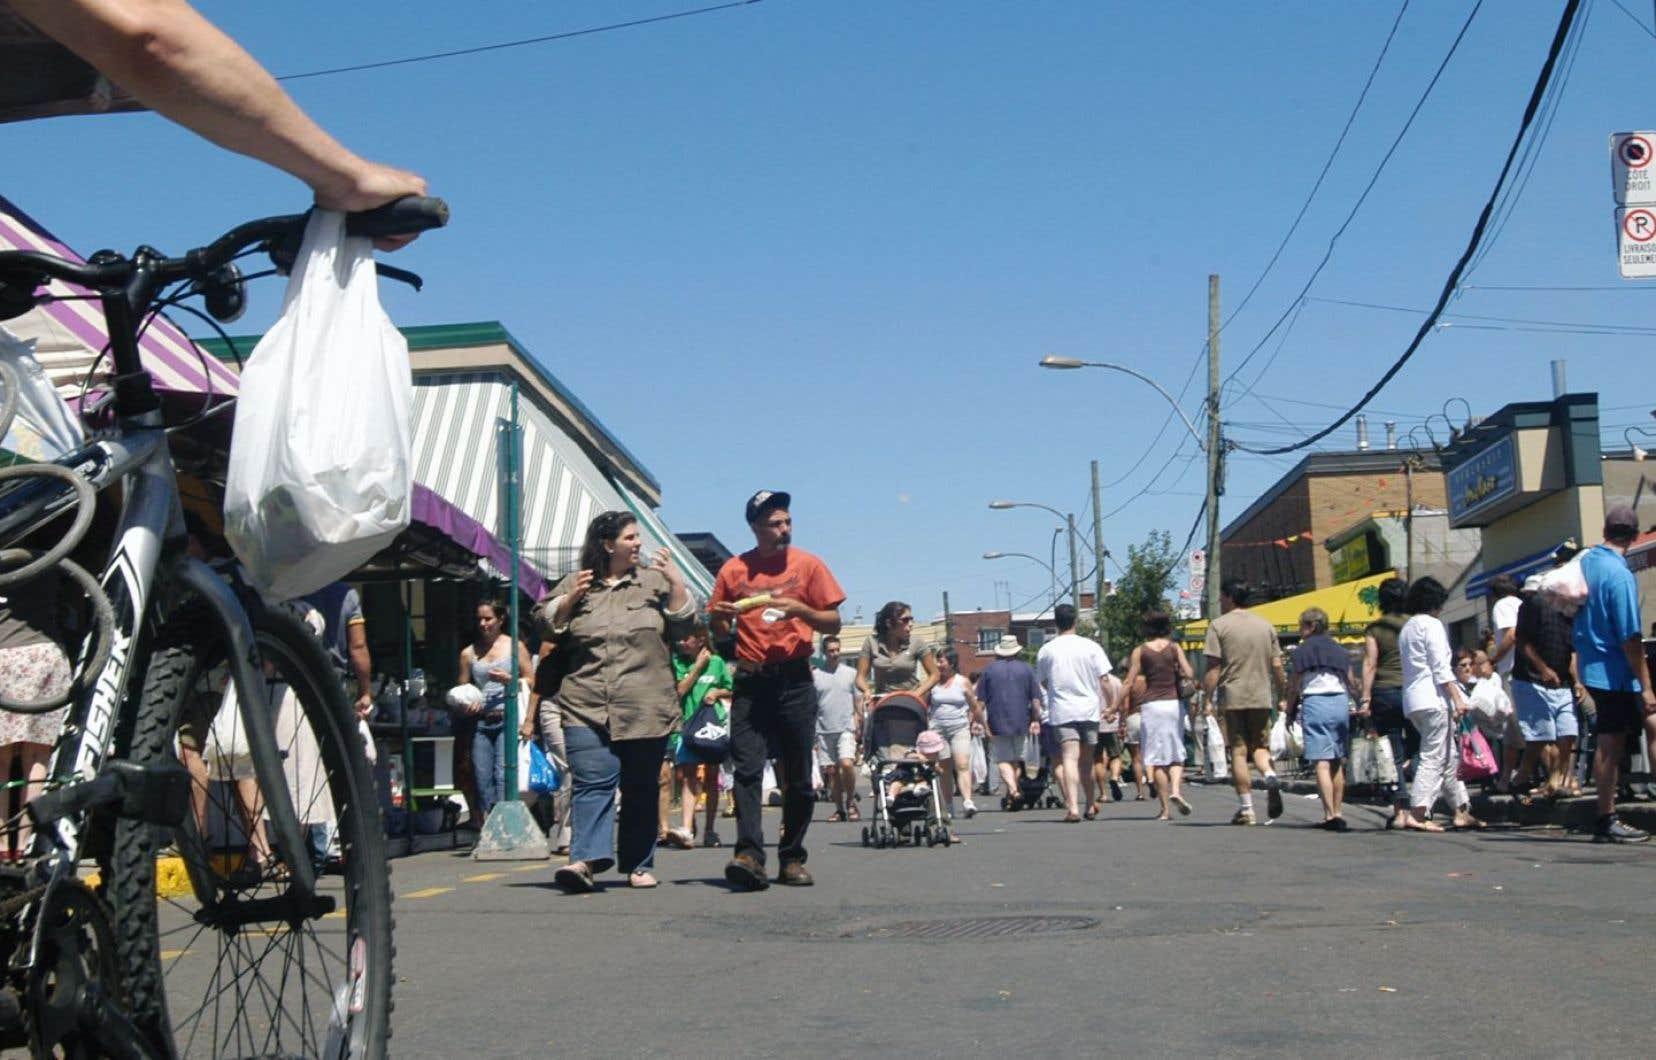 De toutes les personnes sondées par Les Ami.e.s., 68 % privilégient la marche ou le vélo pour se rendre au marché Jean-Talon contre seulement 20 % la voiture.